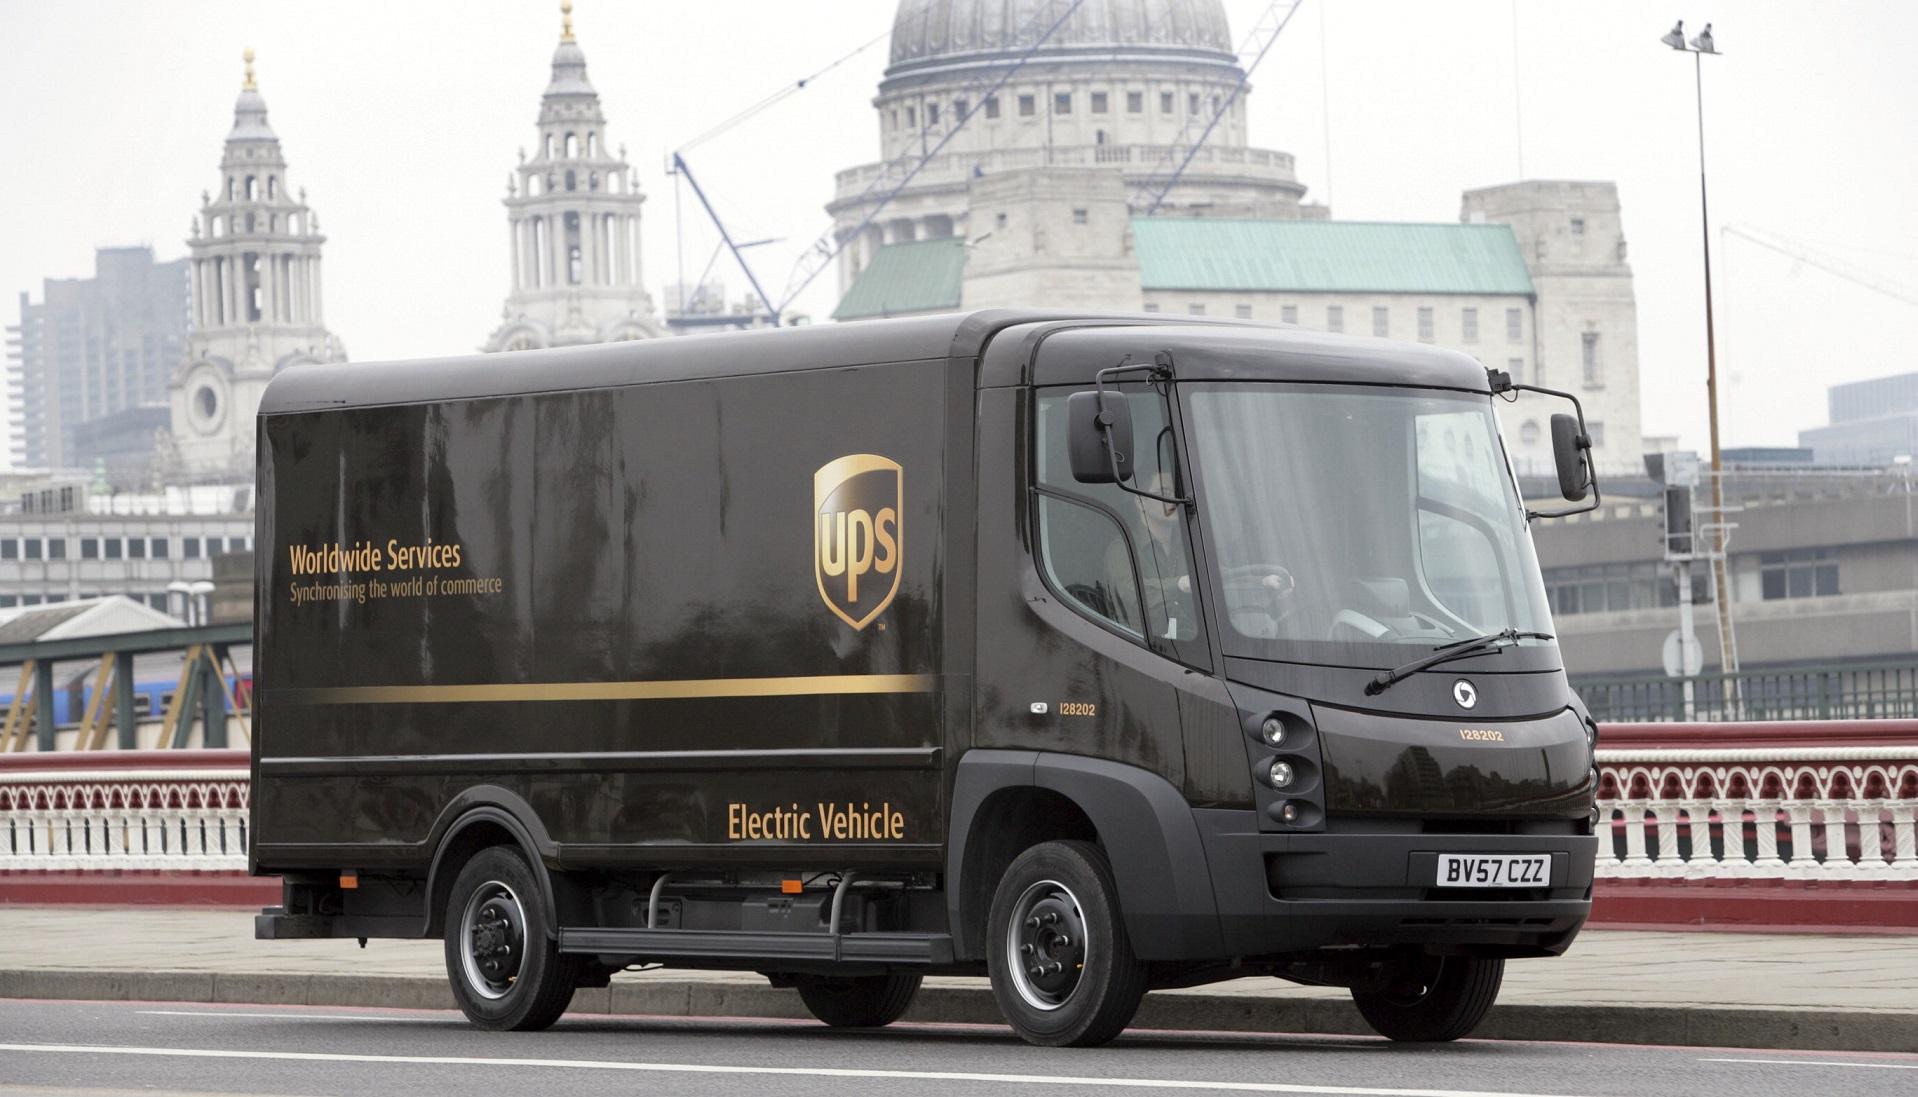 UPS empieza a electrificar su flota de camiones